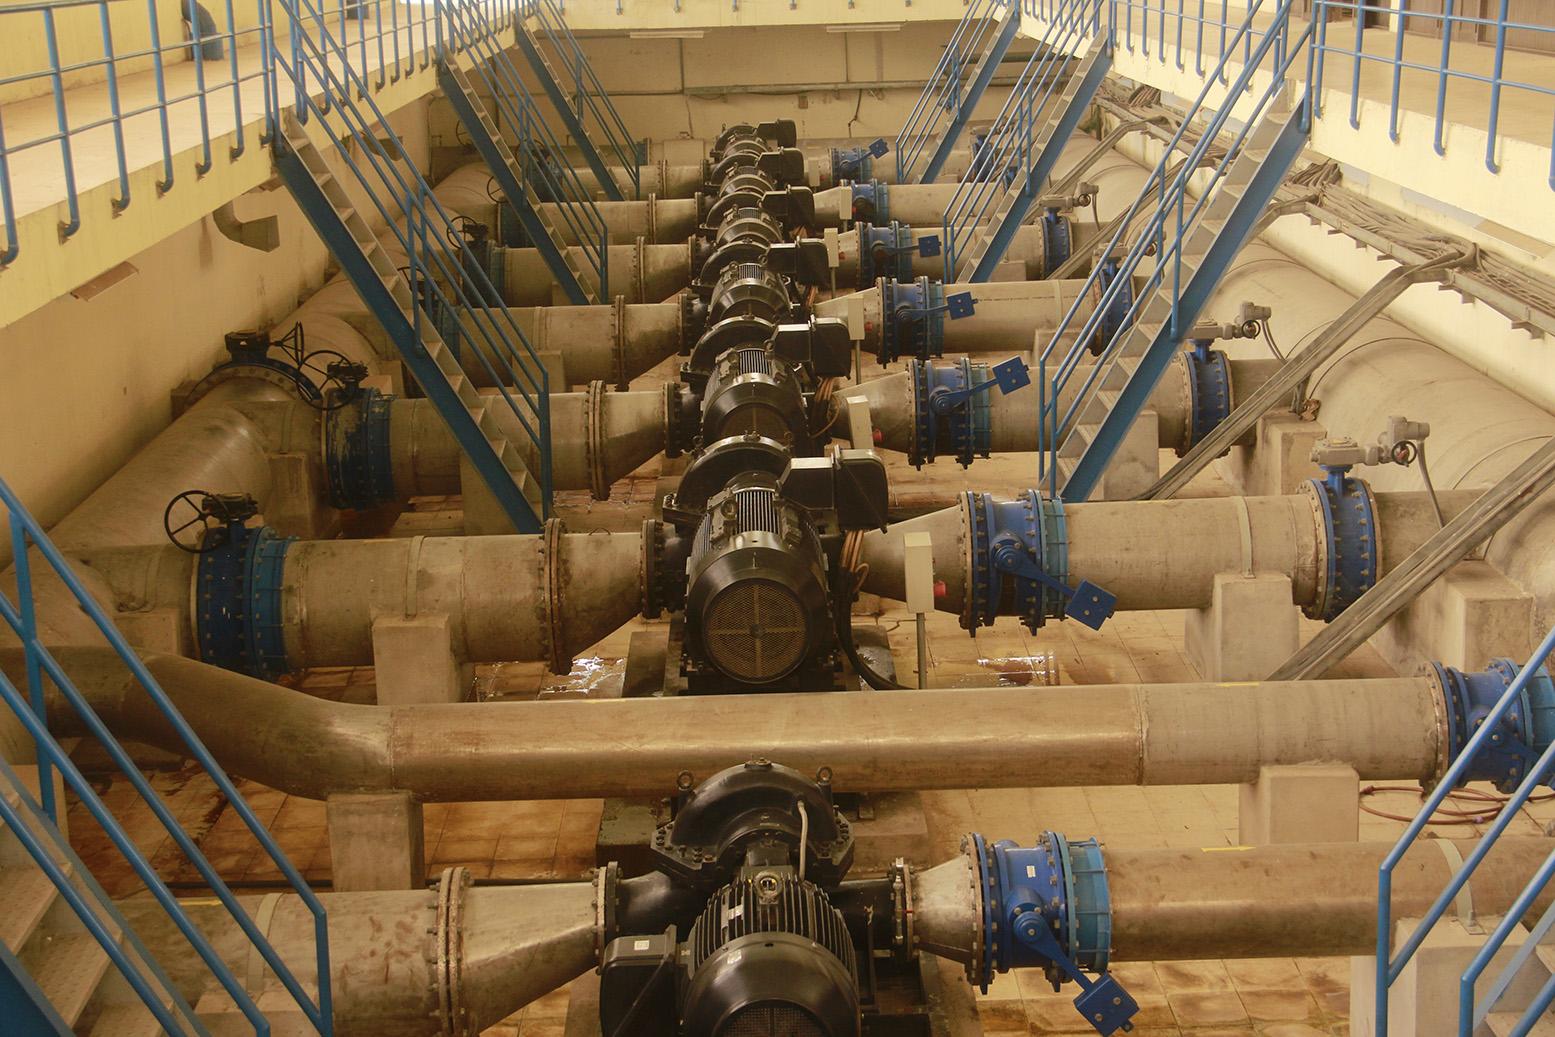 Trạm bơm Cấp 1 - Nhà máy nước Cầu Đỏ